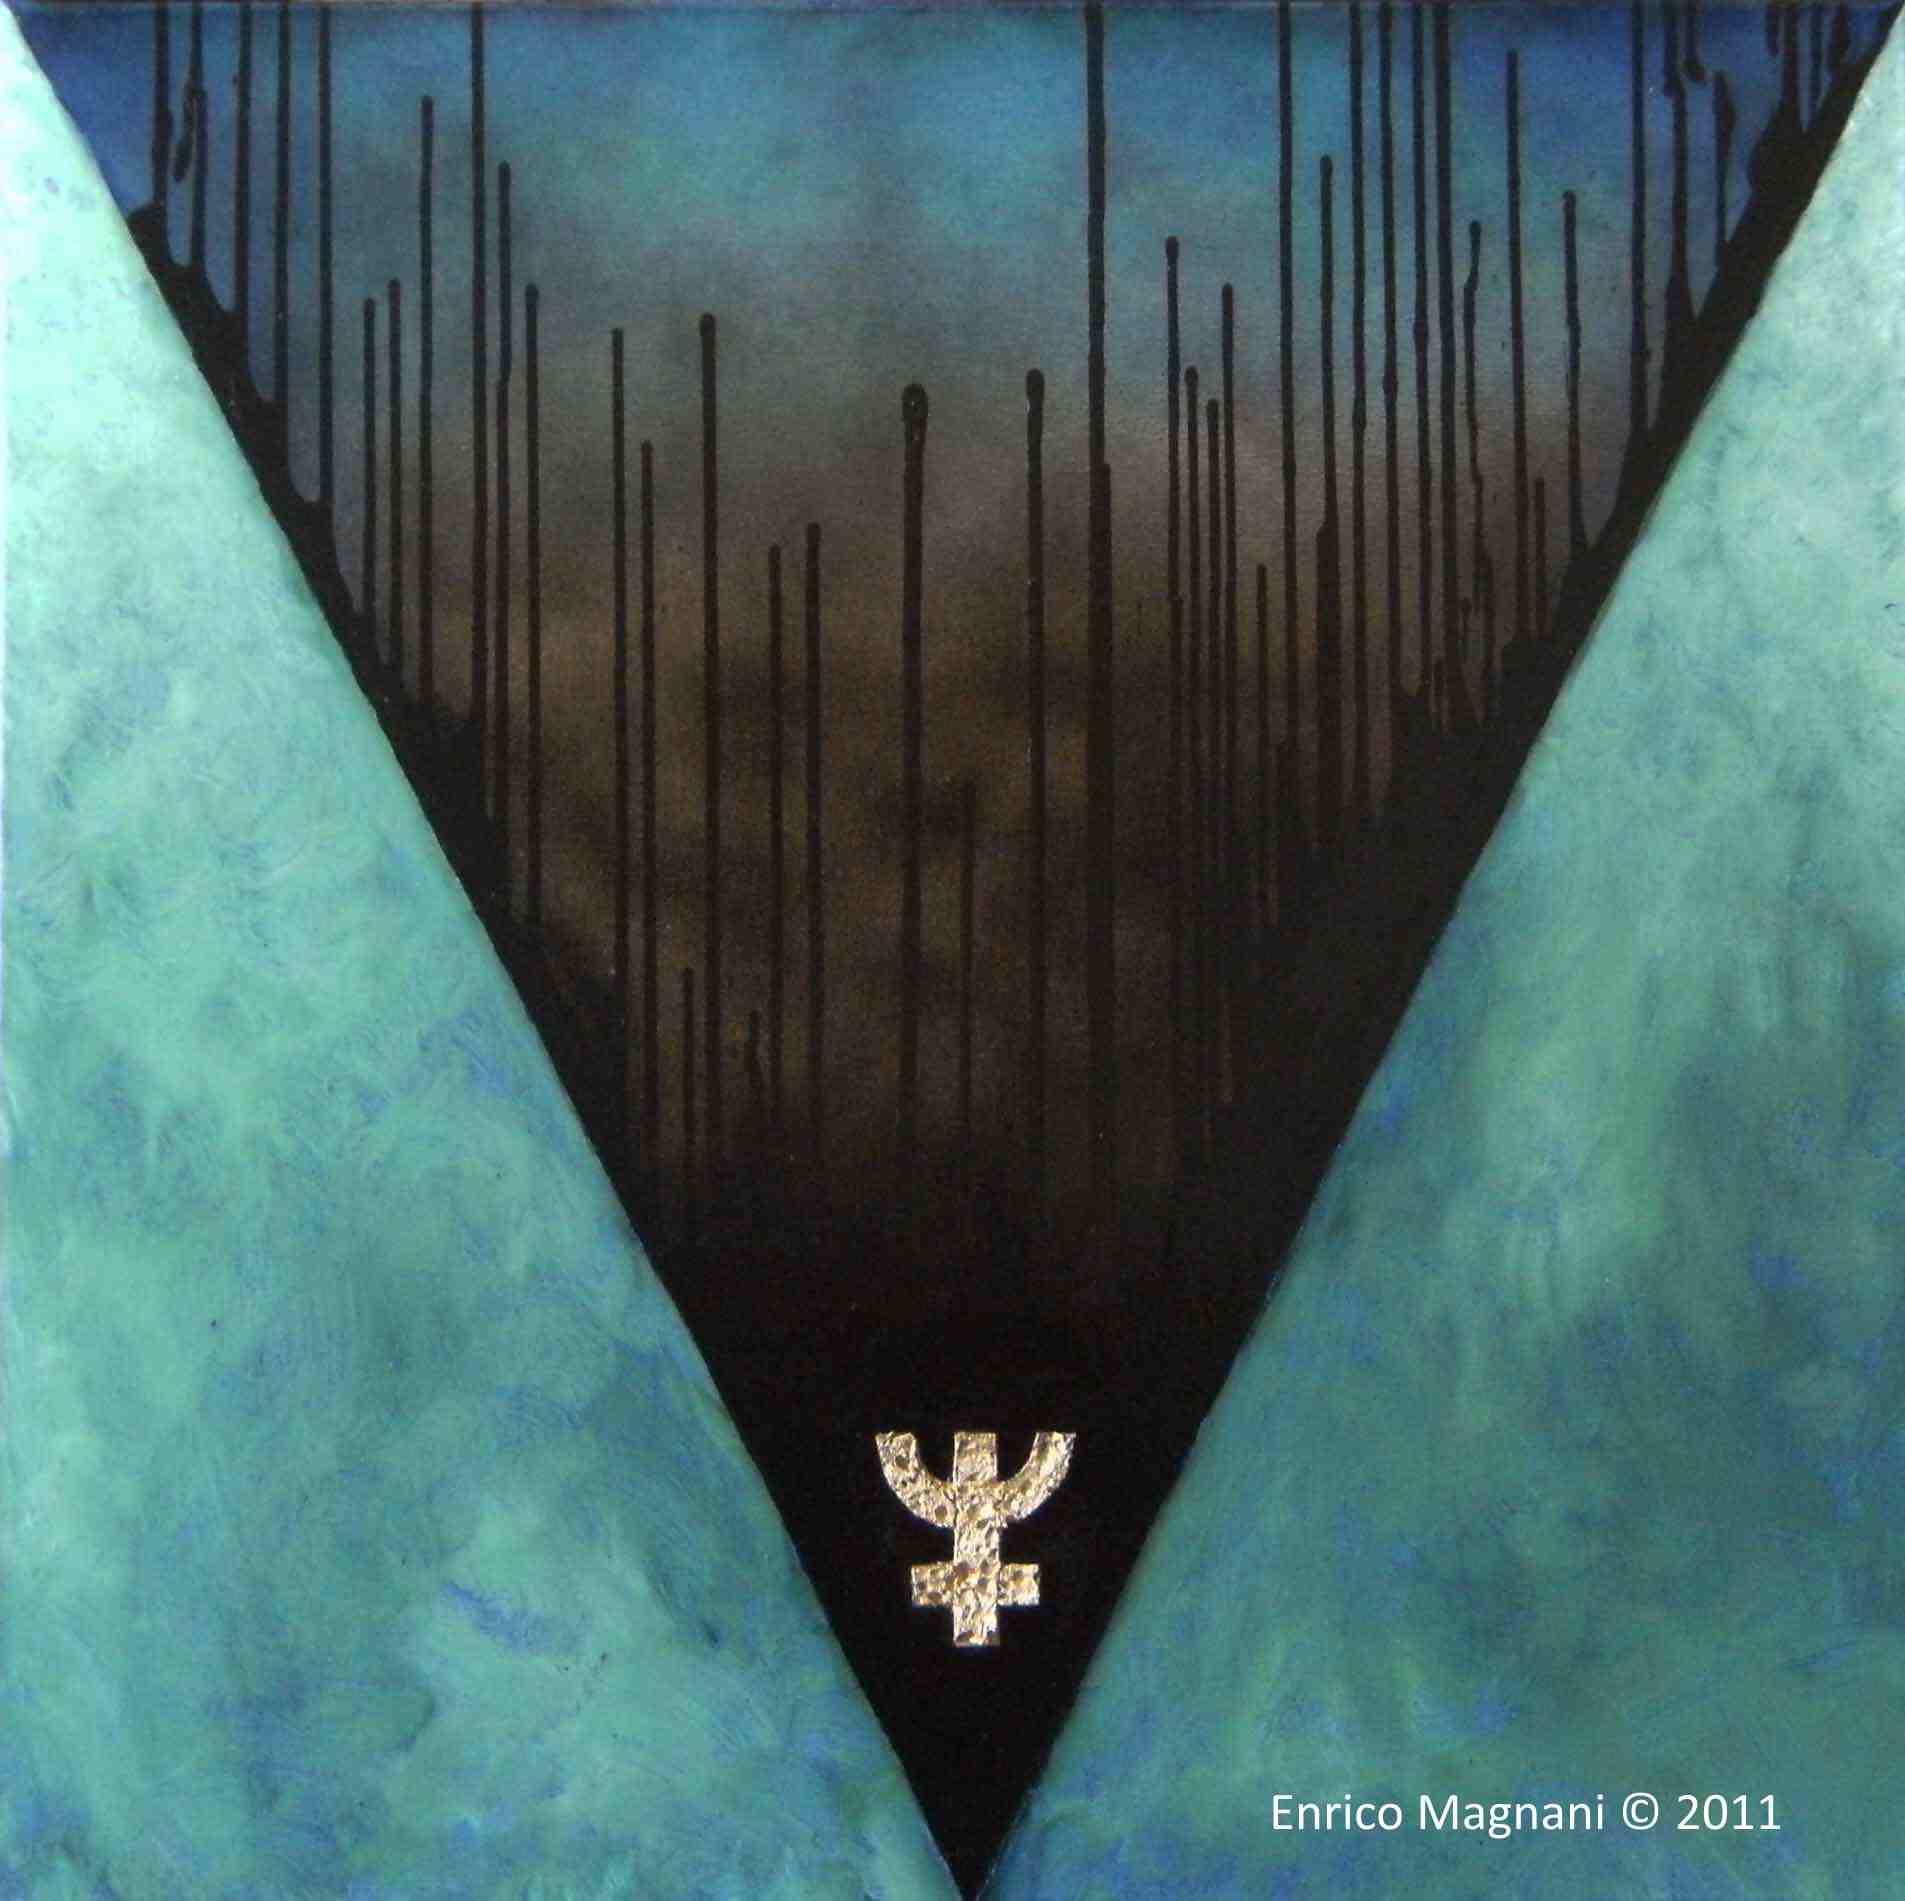 Enrico Magnani e la ricerca dell'Arte Oggettiva